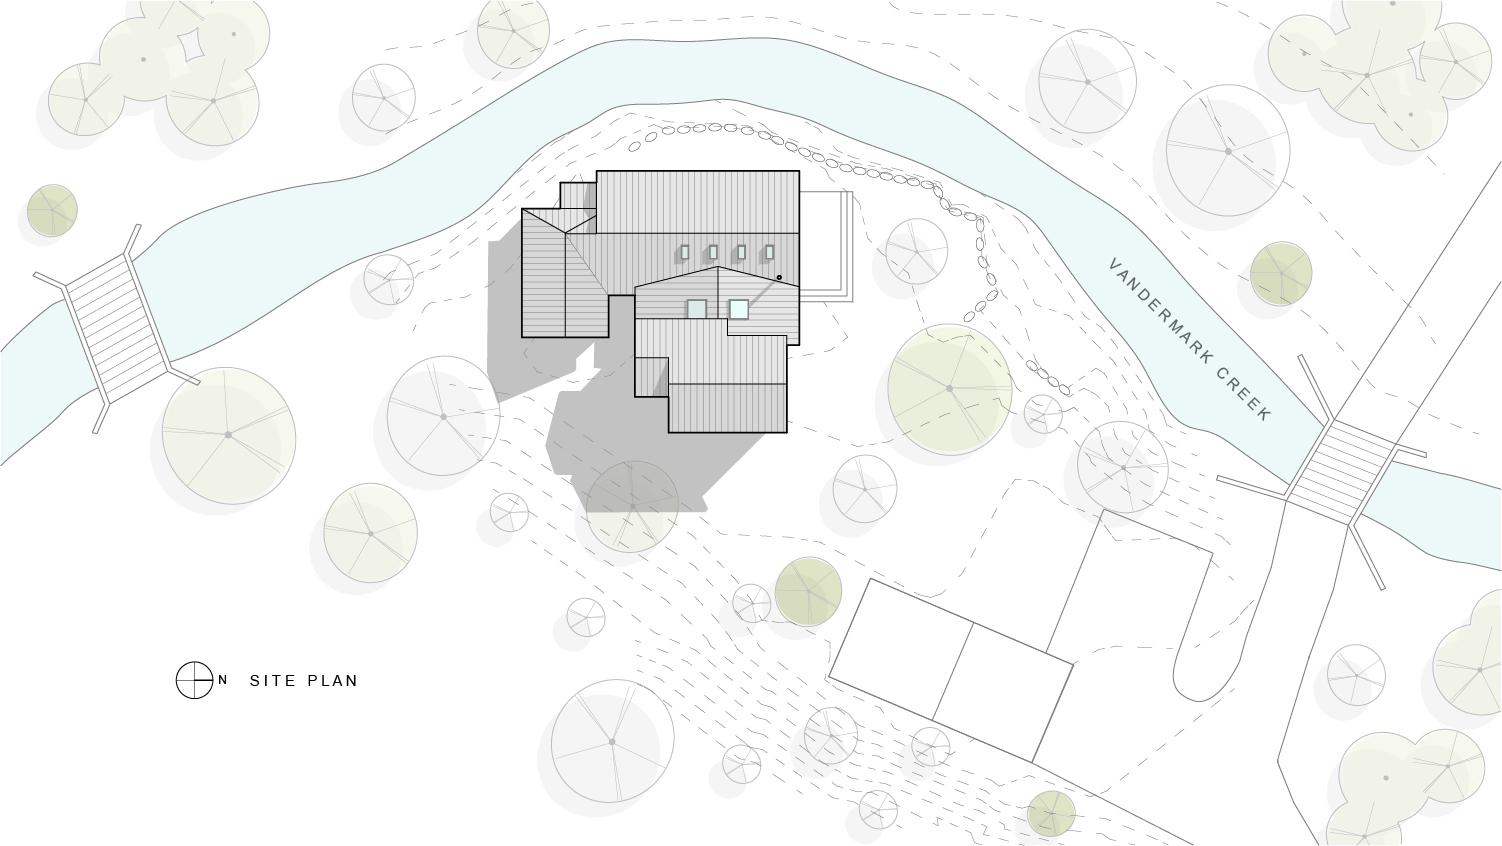 gilbert-site-plan